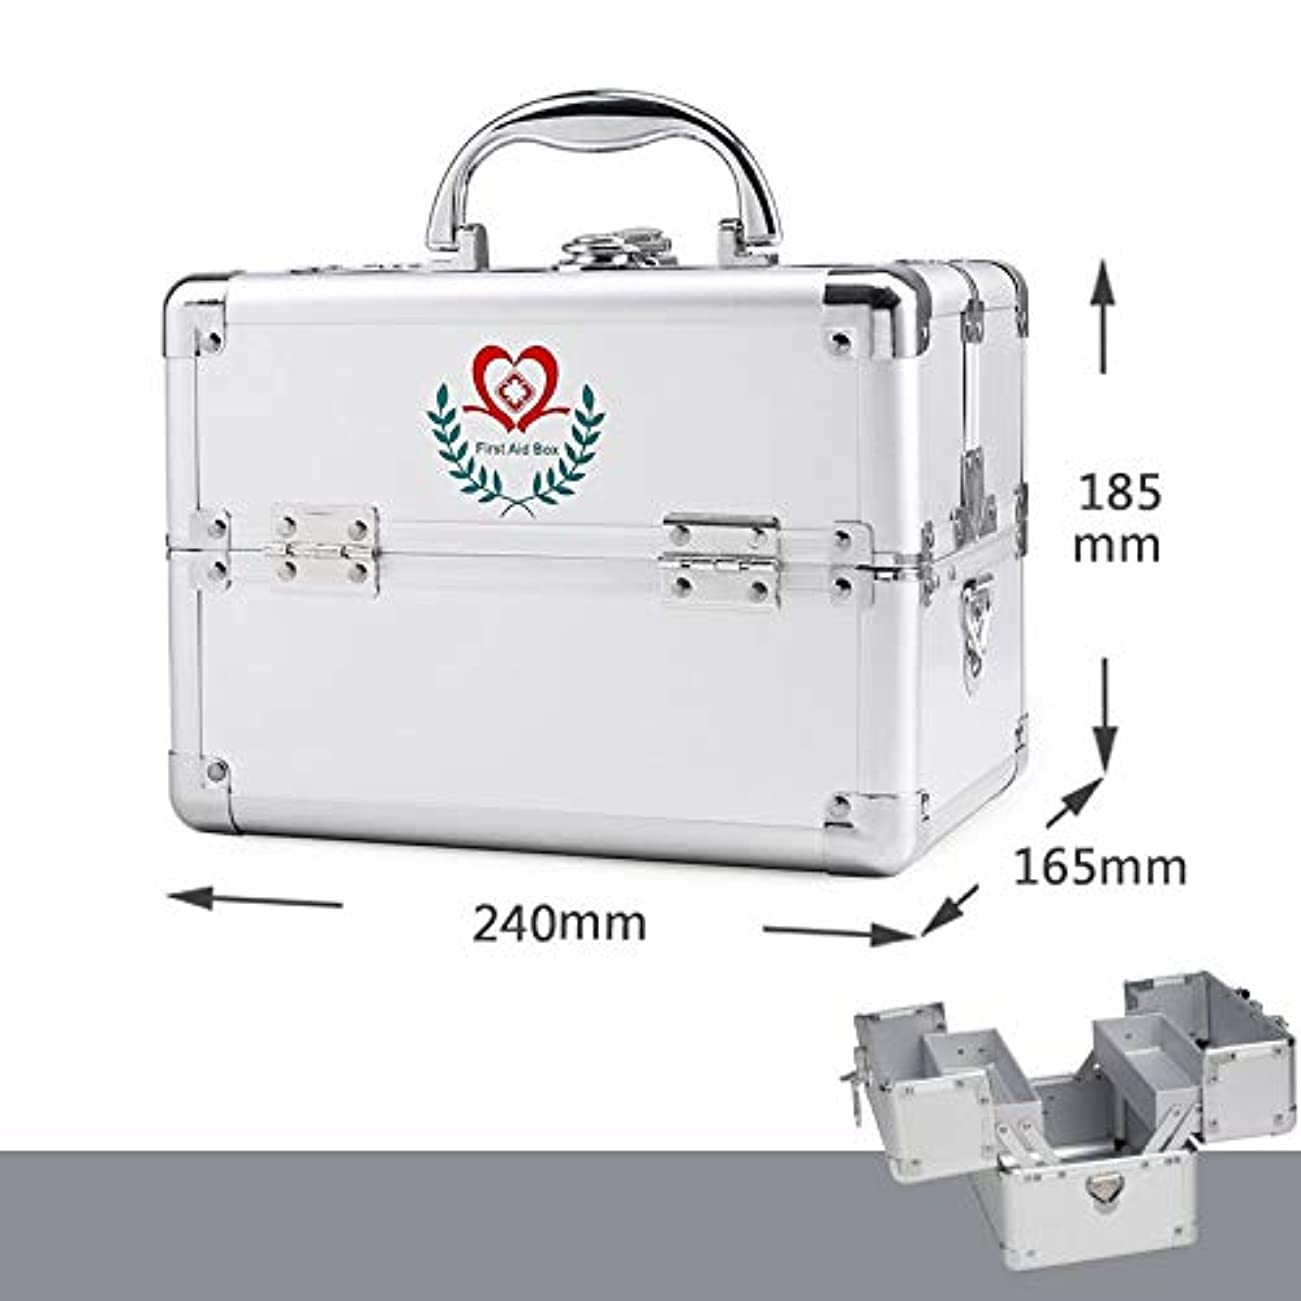 成功余計な解放するXuping shop 応急処置対応バッグ、アルミ合金家庭用医療収納ボックス、二重層外来救急医療キット (色 : シルバー しるば゜)